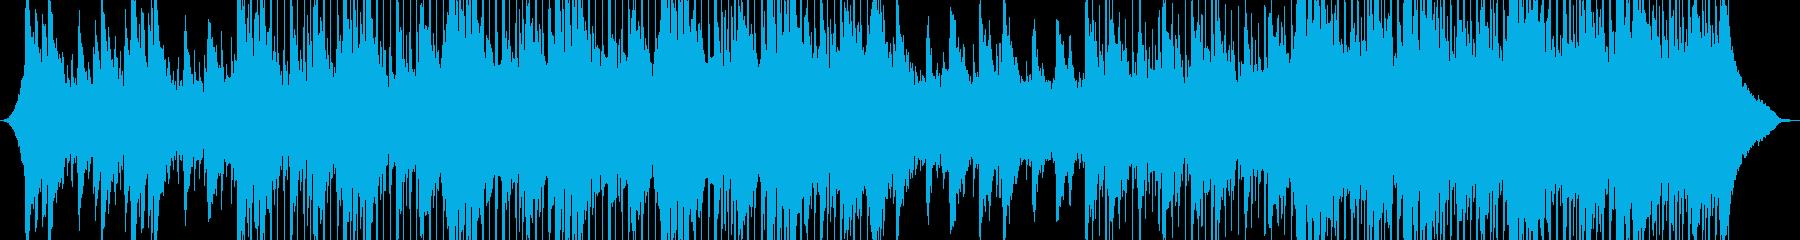 広告用の音楽の再生済みの波形